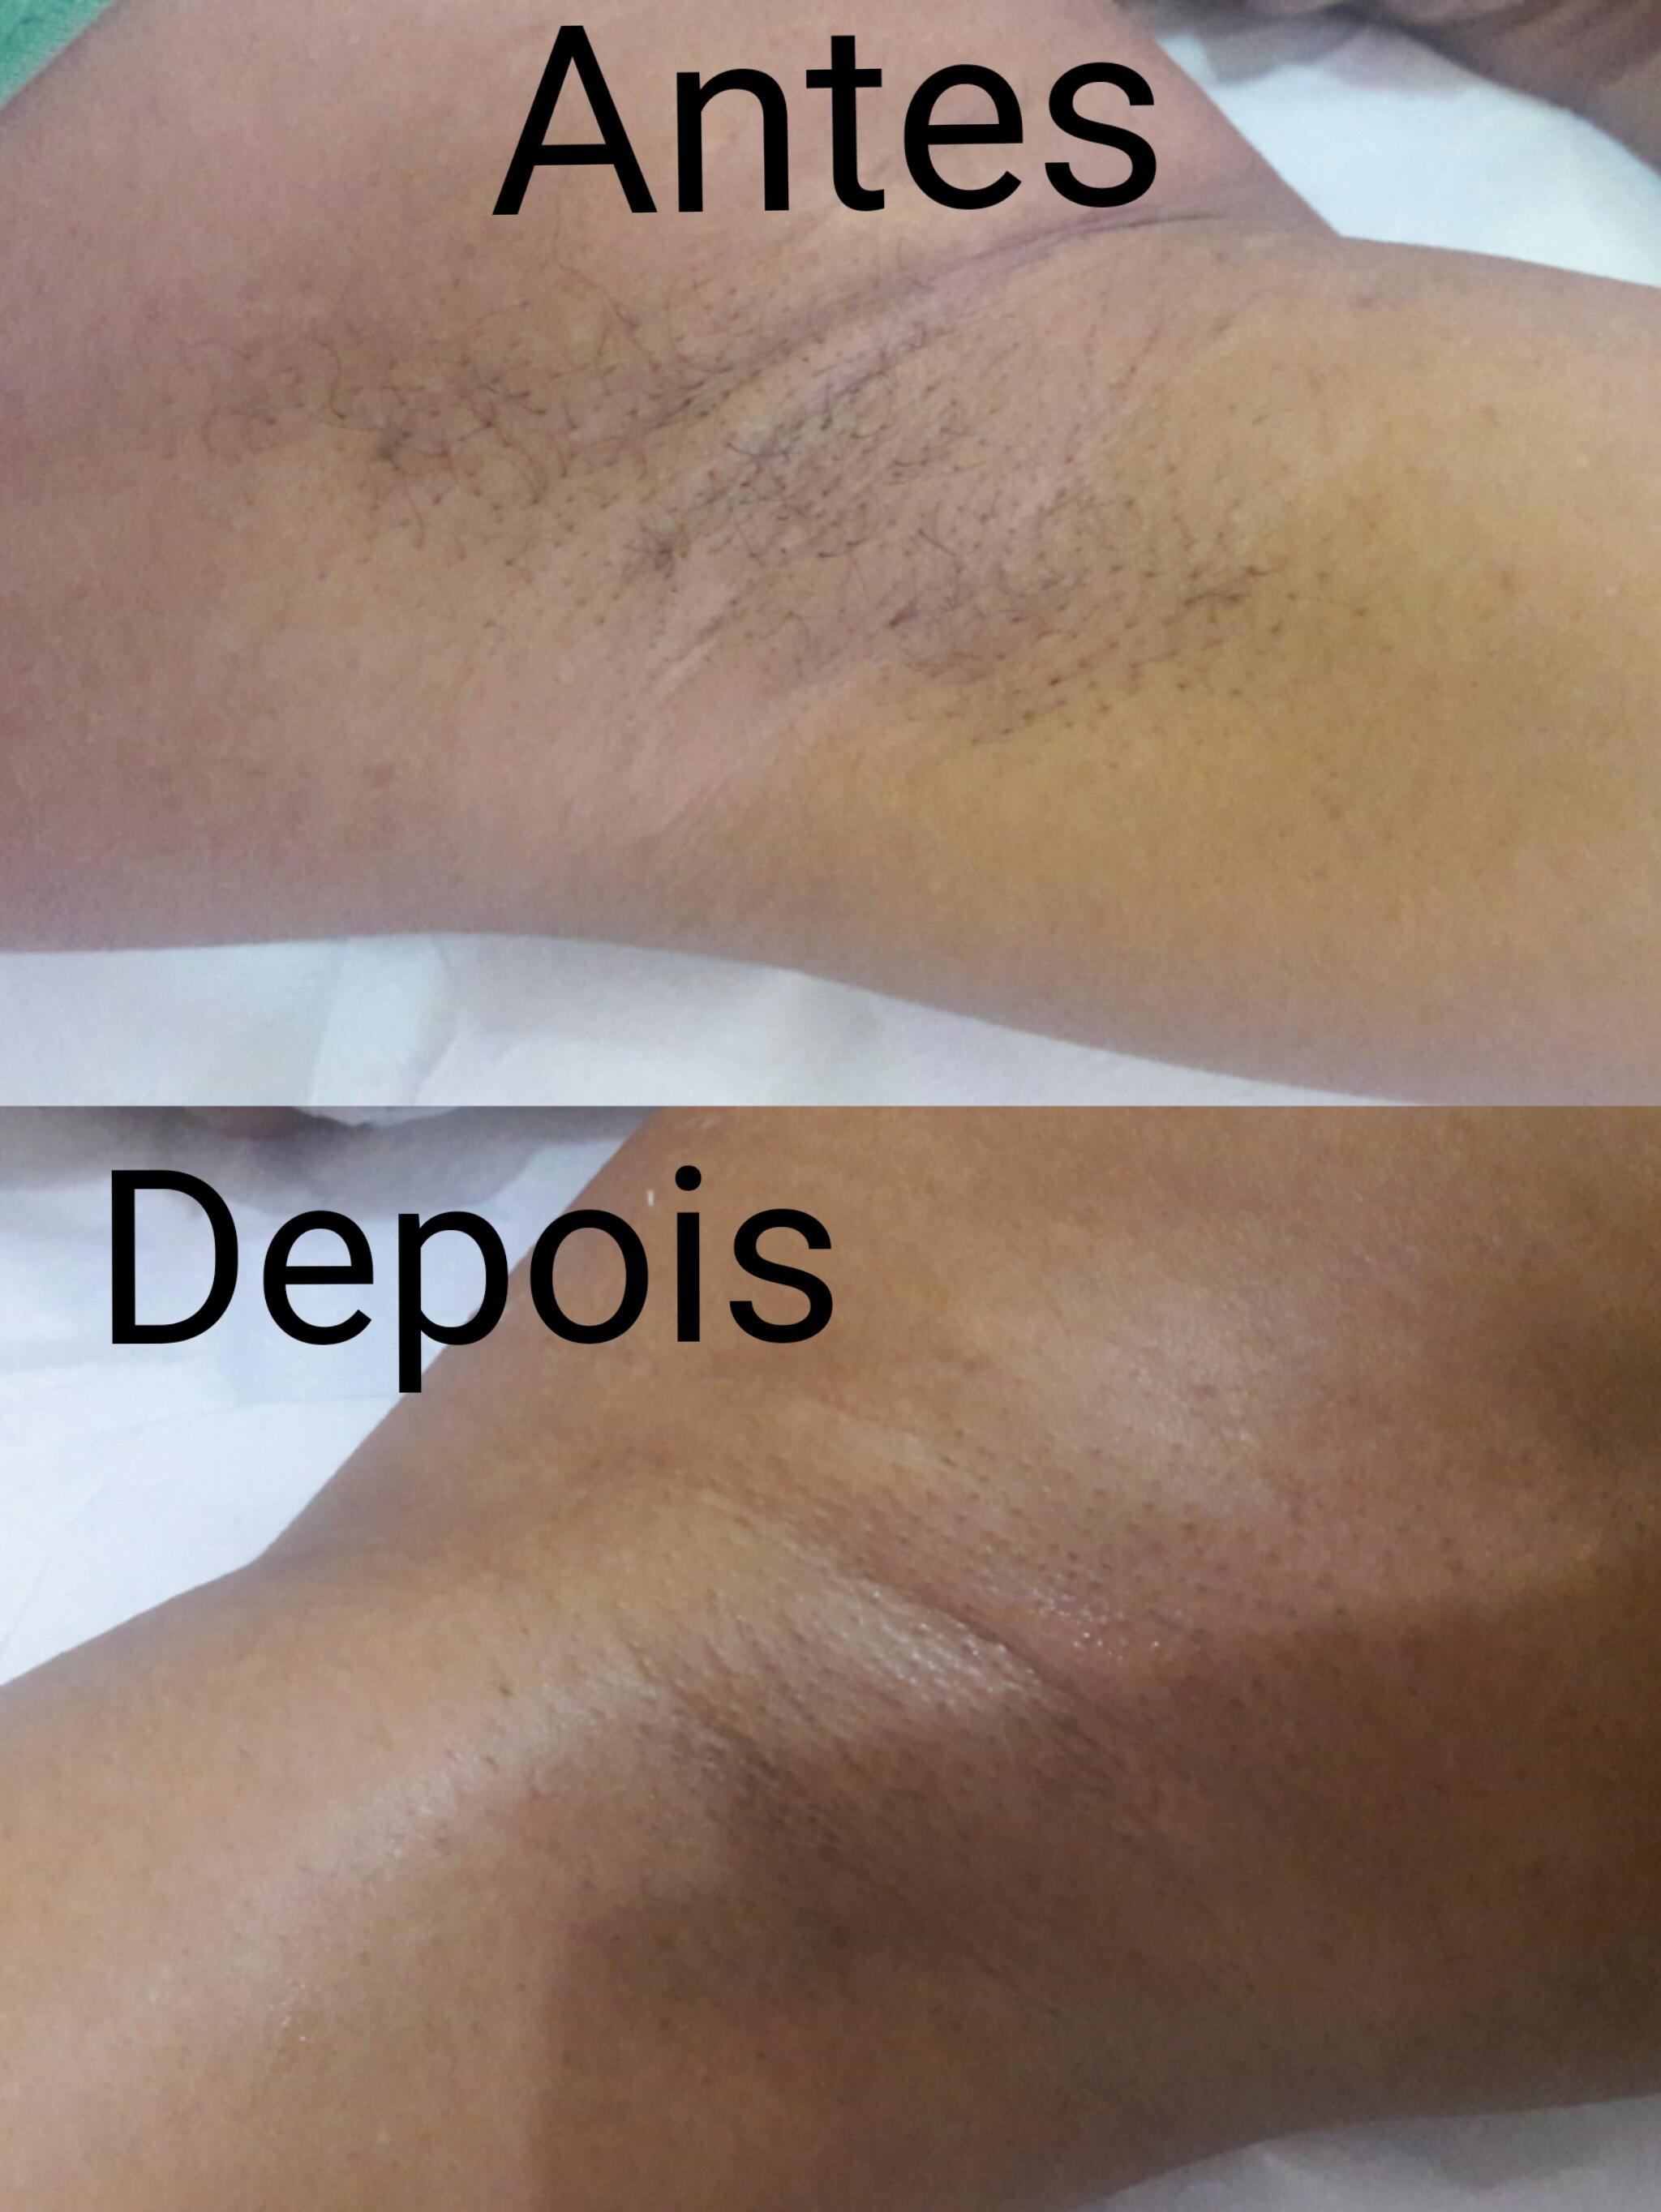 Depilação + argila branca = depilação perfeita sem manchar a pele outros estudante (depiladora) estudante (esteticista)